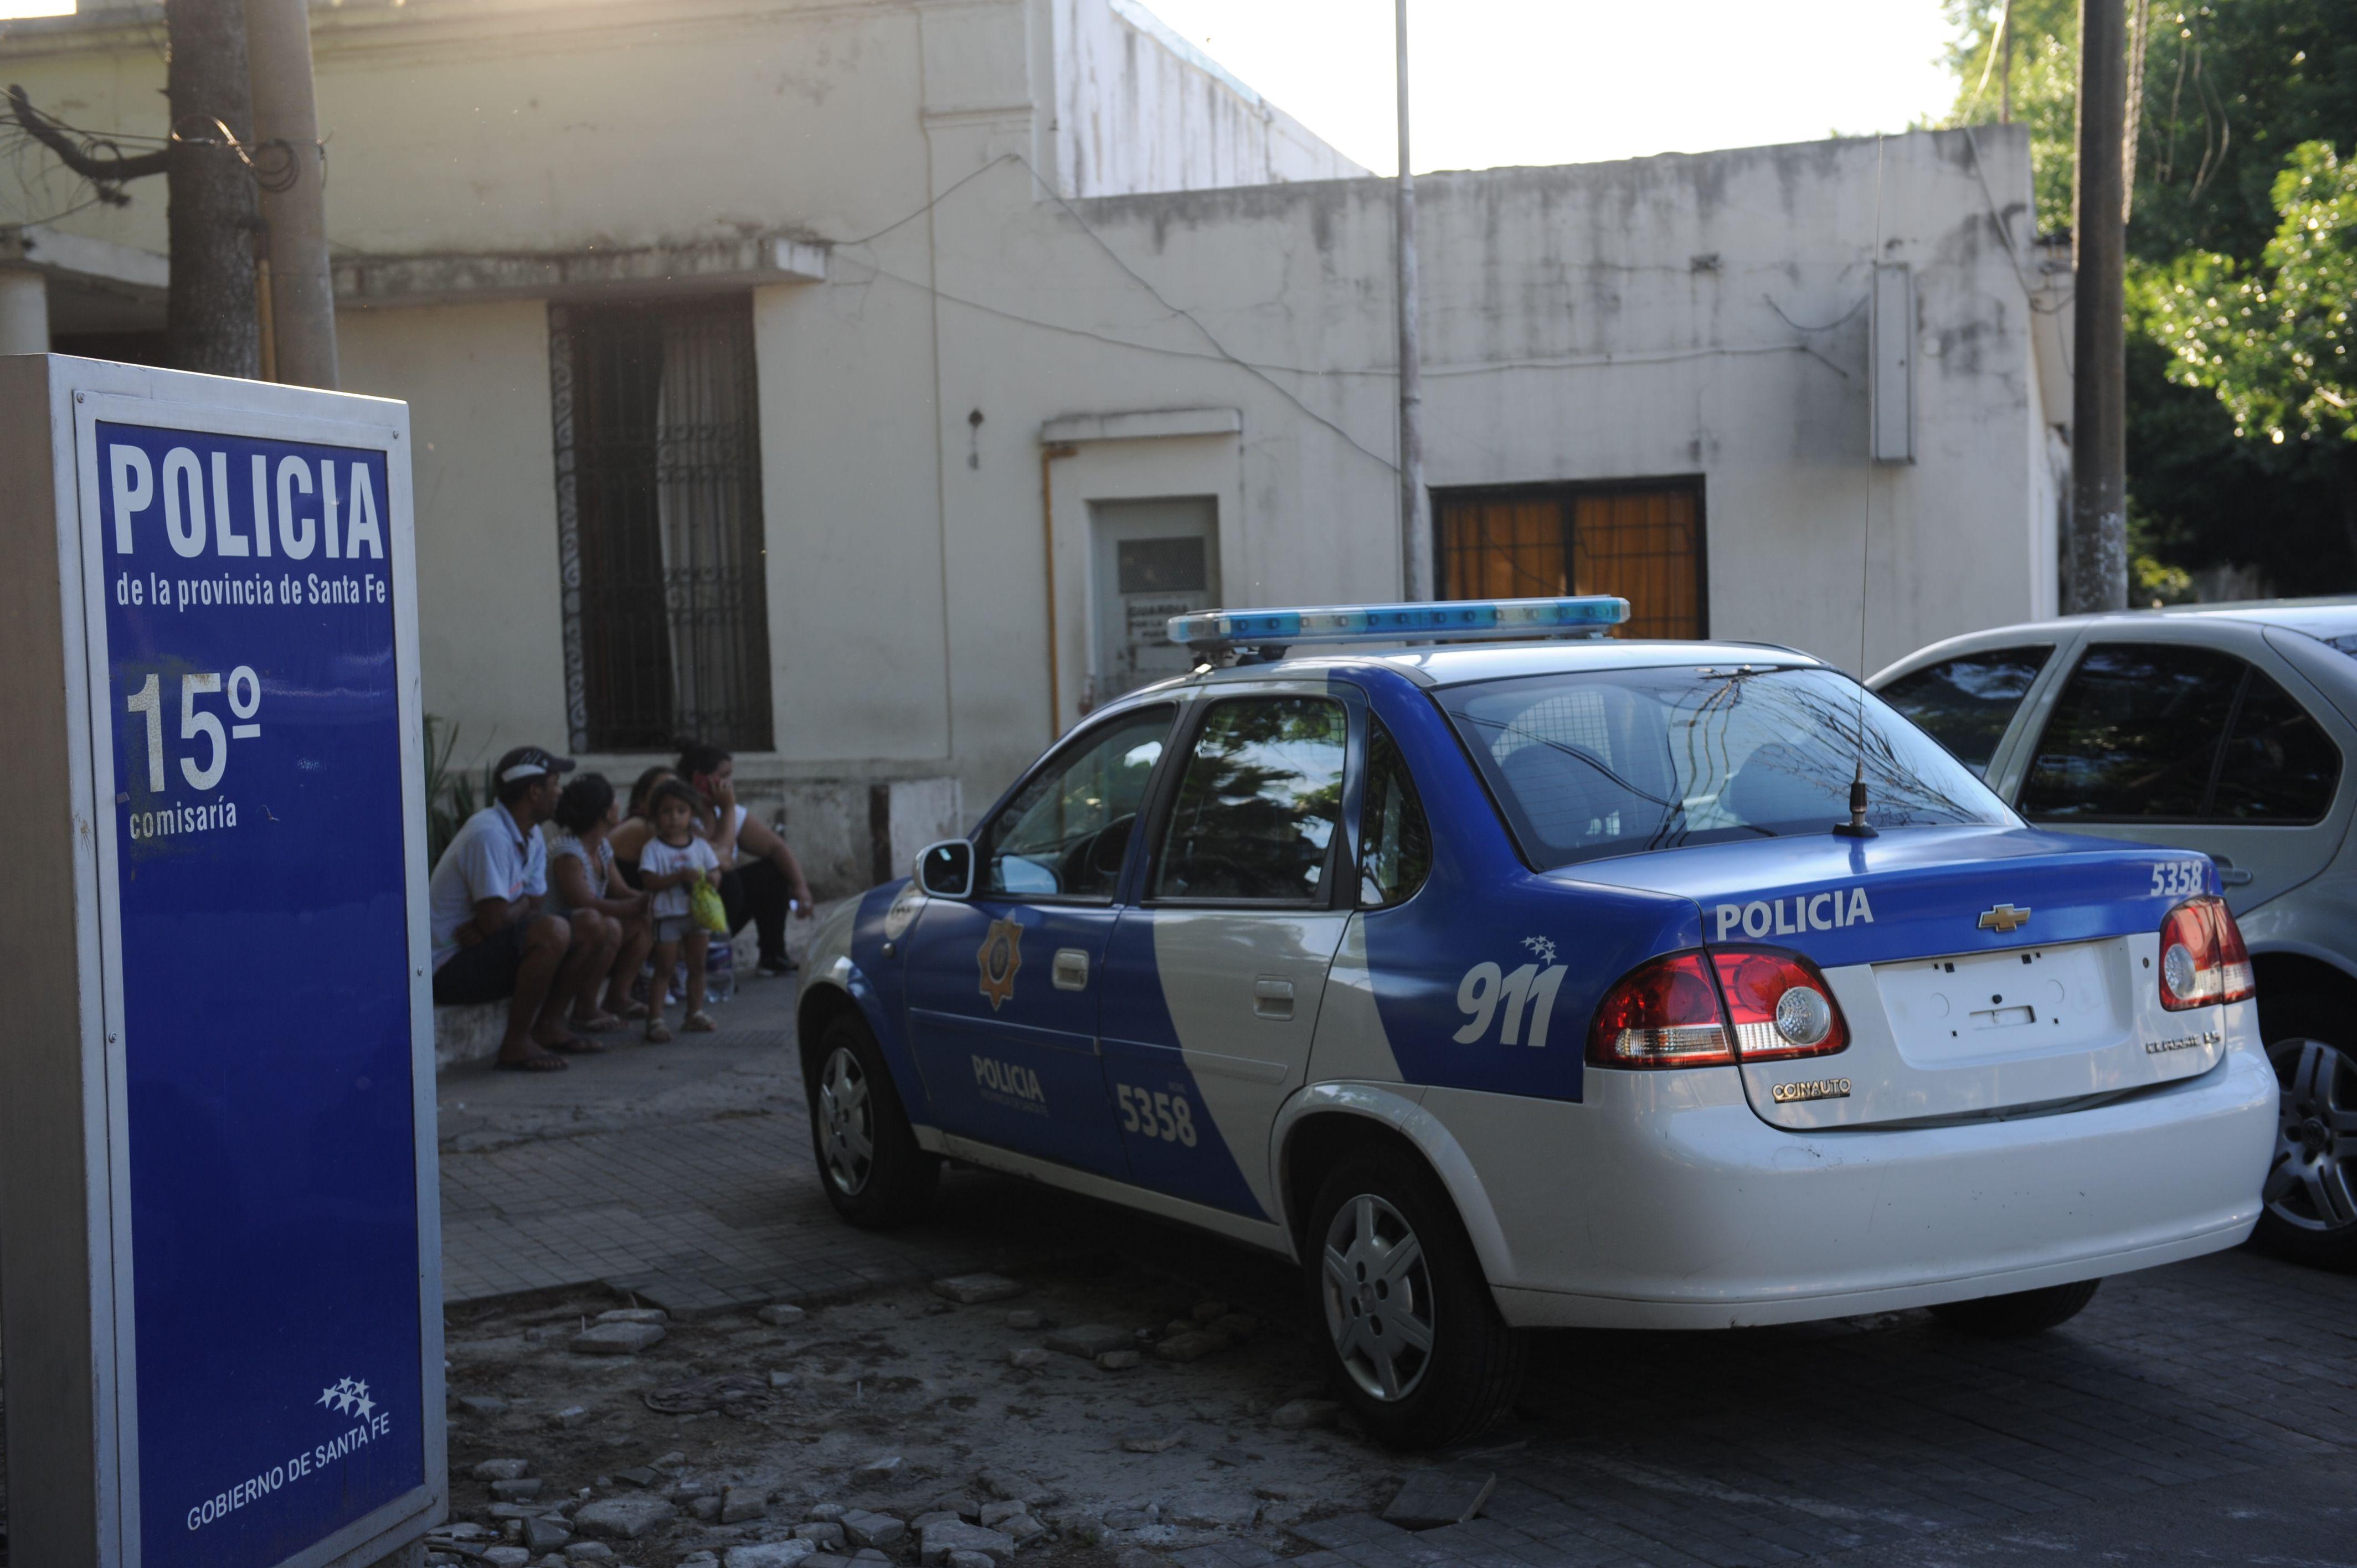 La denuncia por el robo en Paraguay al 3900 fue radicada en la seccional 15ª.